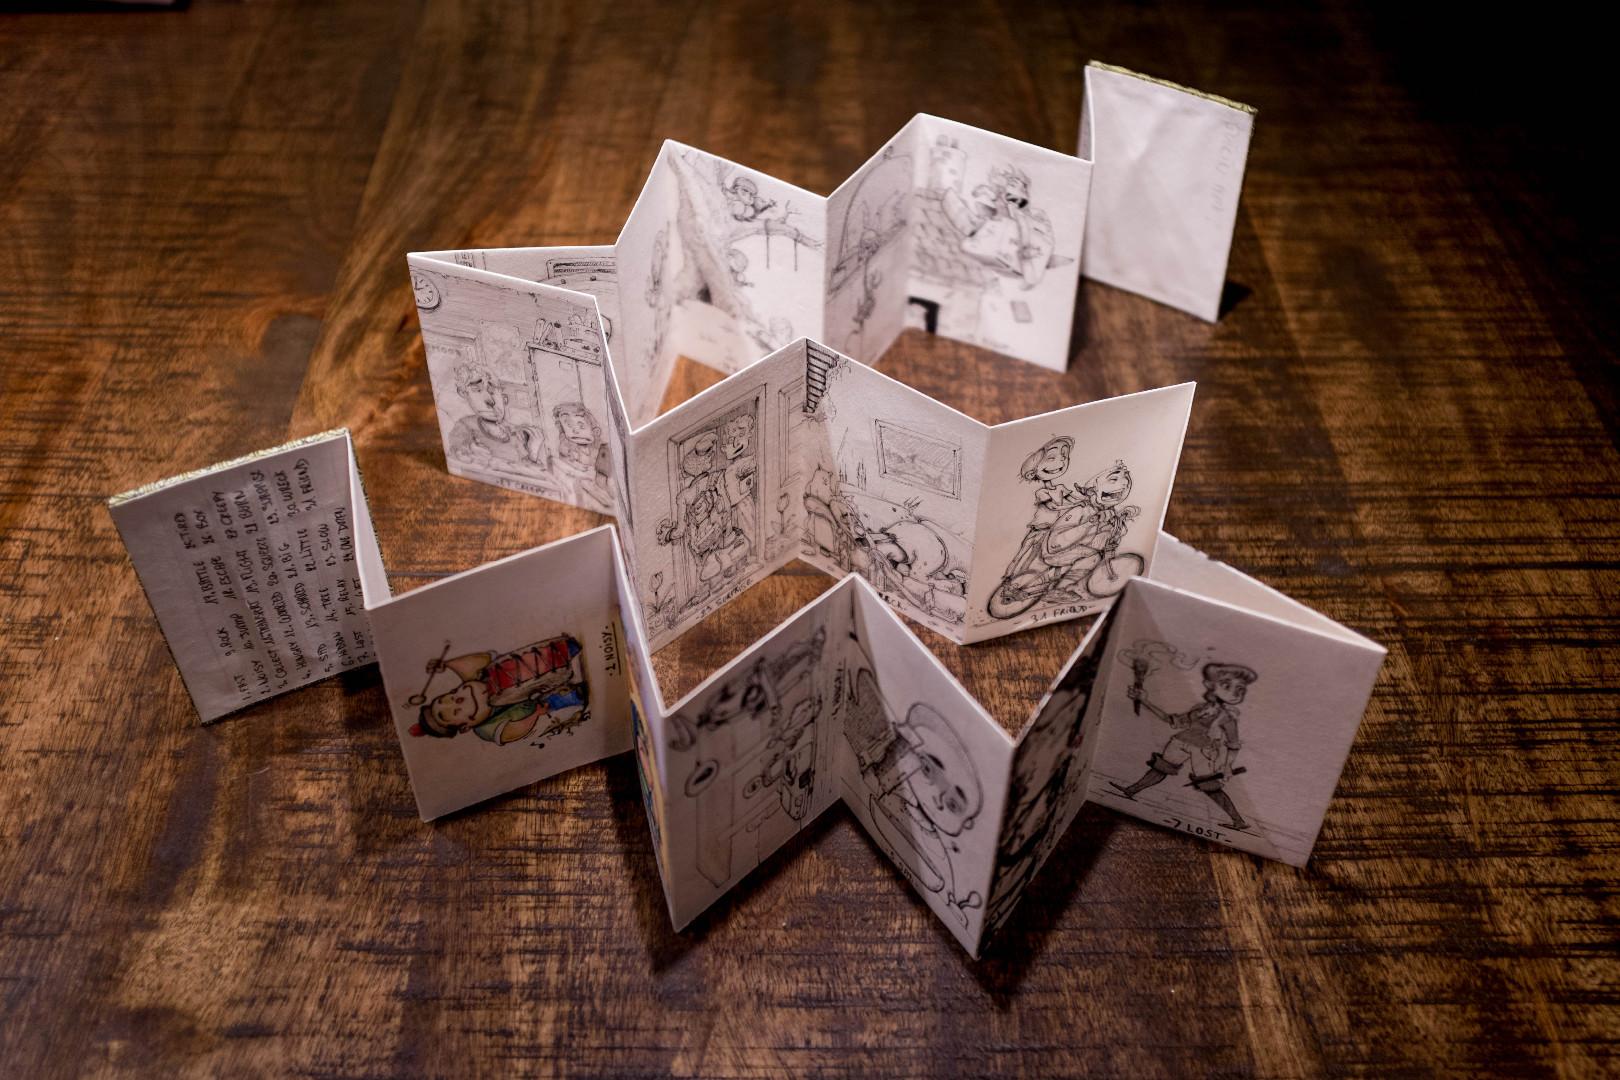 Vincent derozier vincent derozier drawings 23